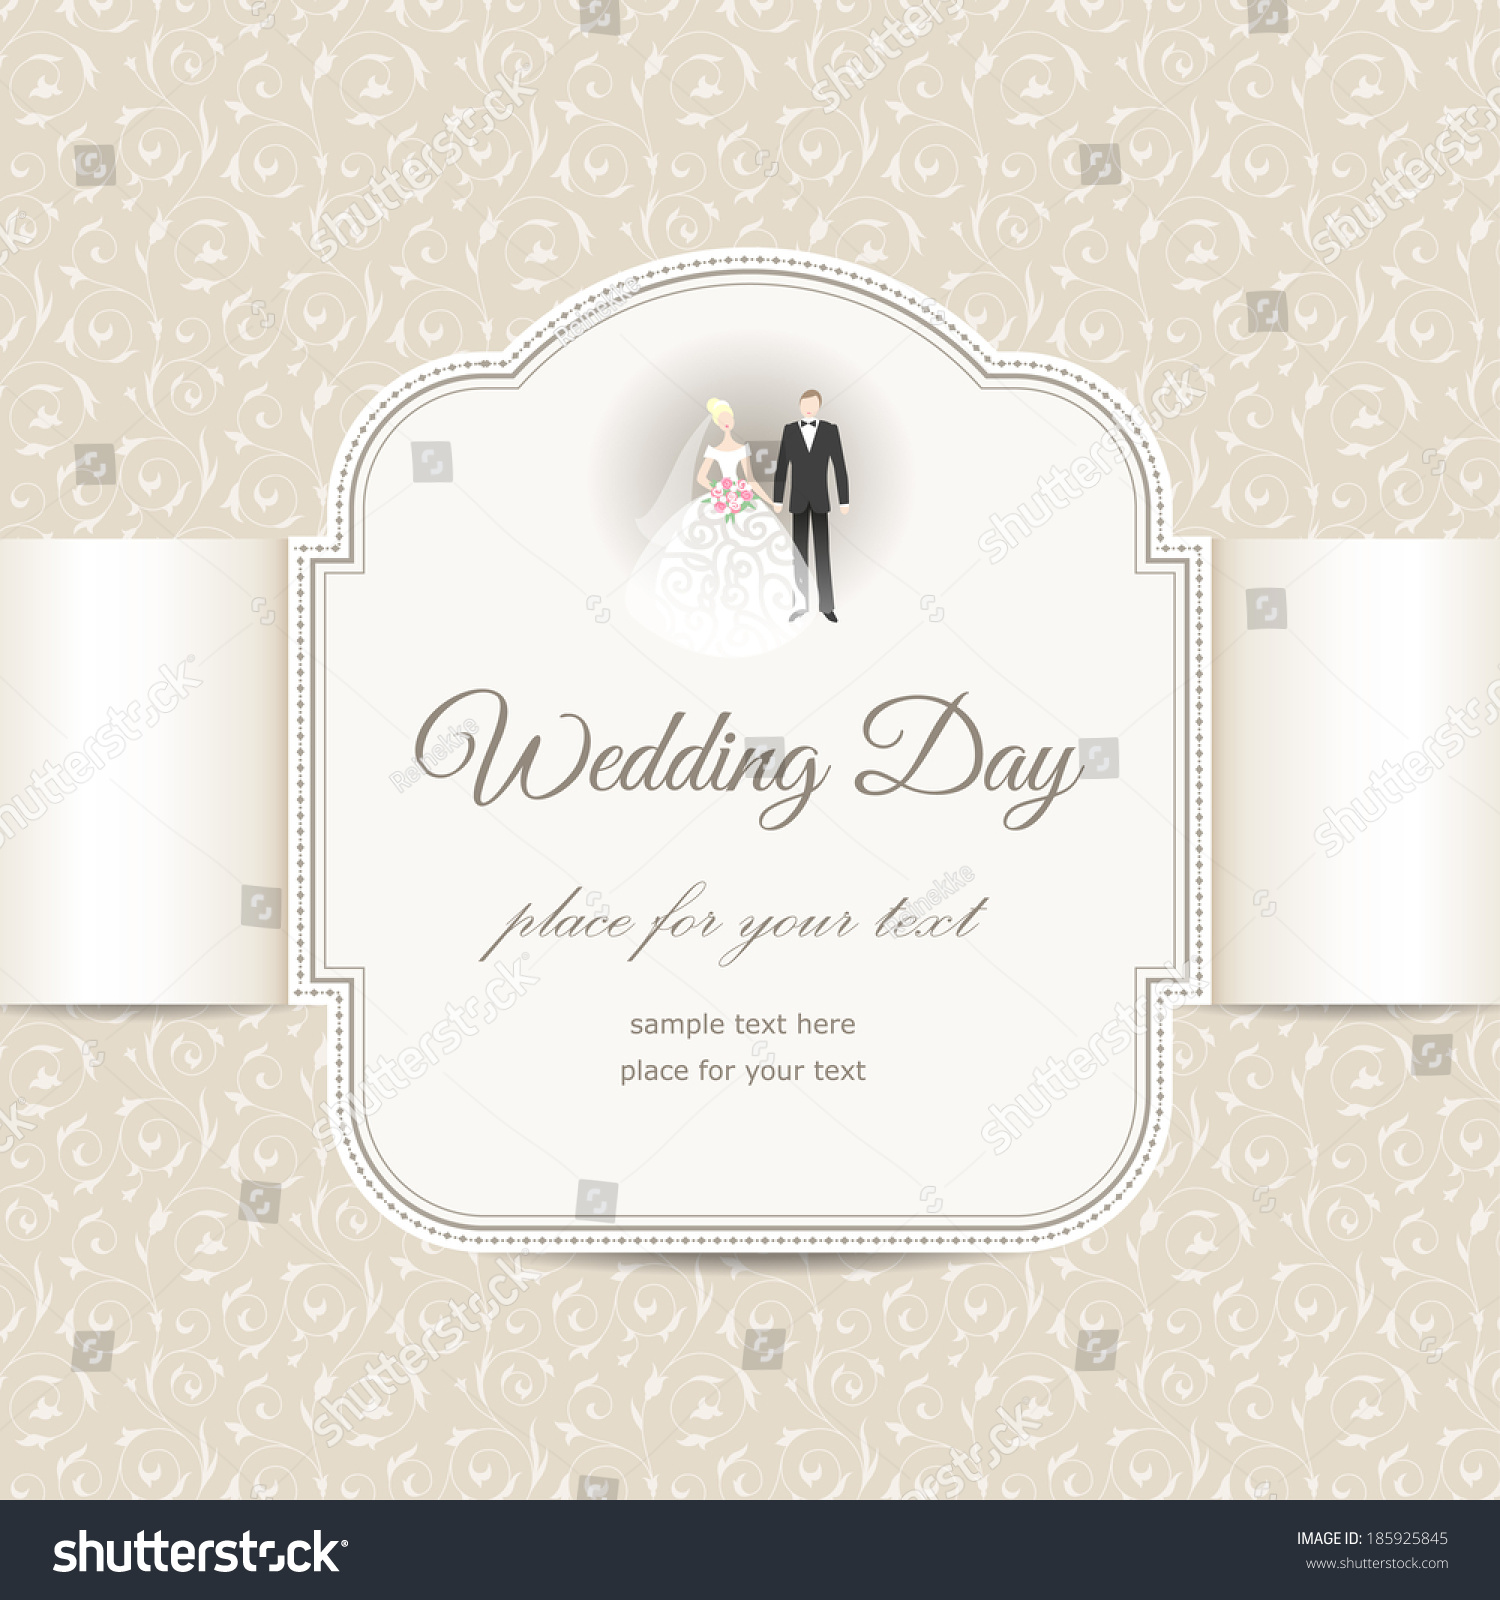 Invitation Label On Floral Background Elegant Stock Vector 185925845 ...